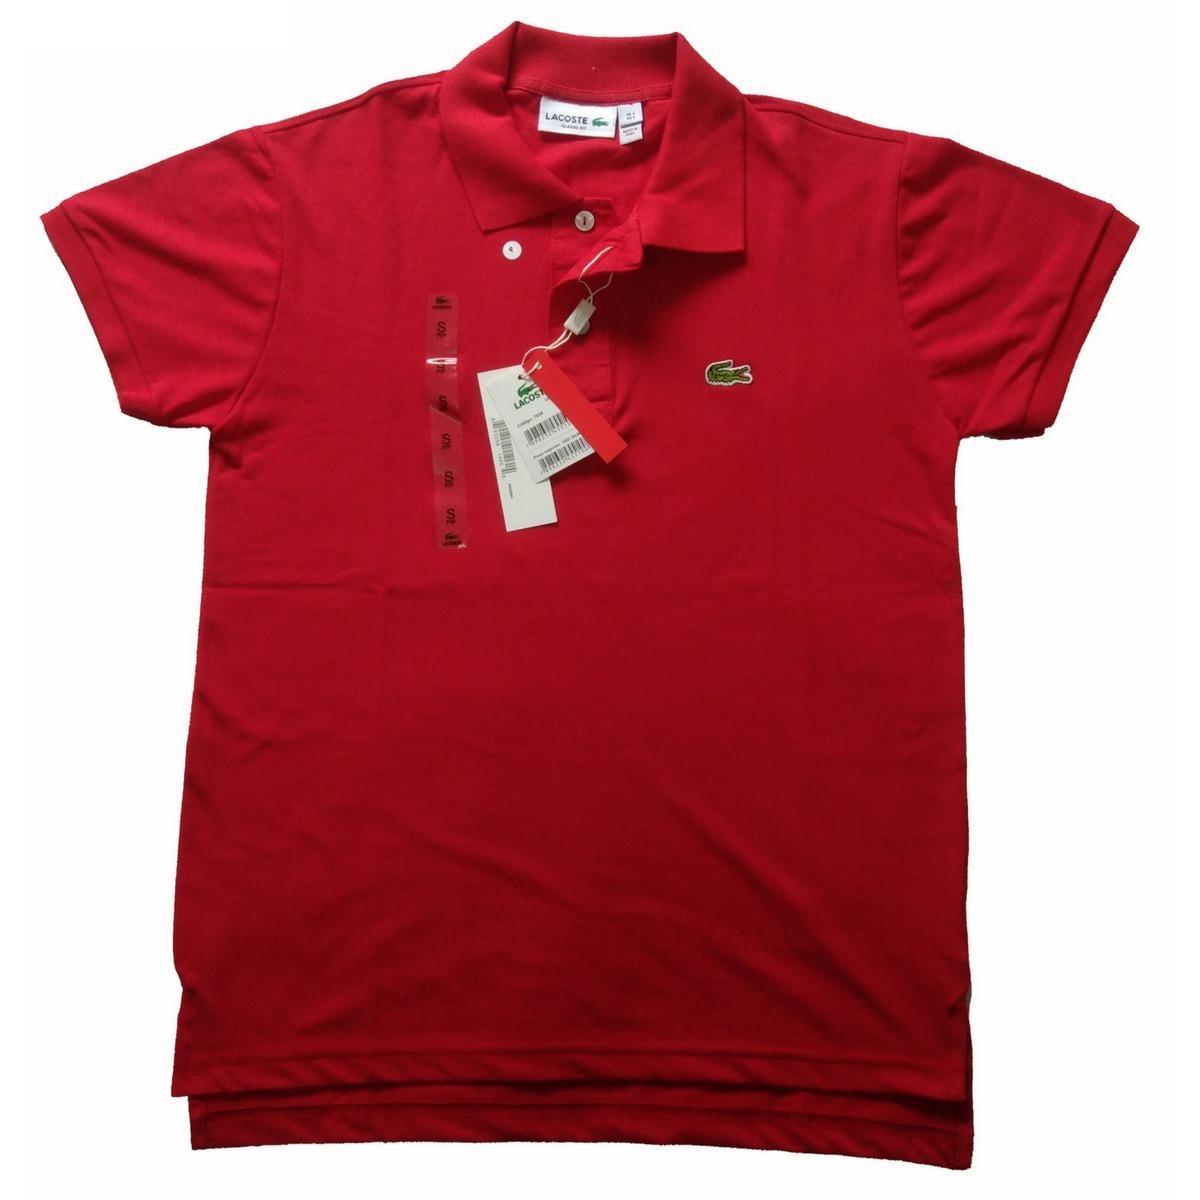 f4c9f2316ca7e camisa polo lacoste masculina peruana - promoção. Carregando zoom.